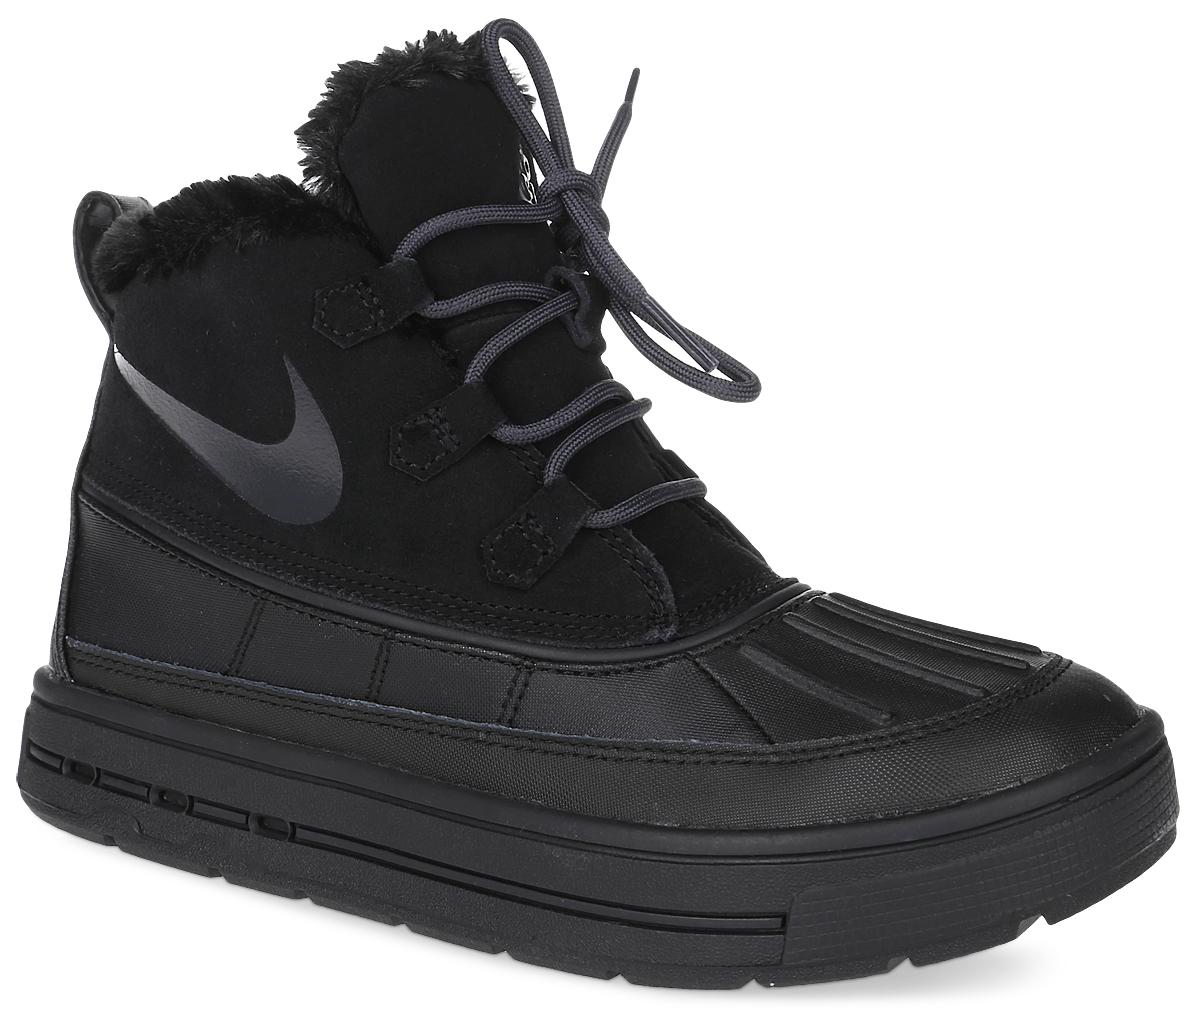 Ботинки детские Nike Woodside Chukka 2 (GS), цвет: черный. 859425-002. Размер 4,5 (36)859425-002Ботинки Nike Woodside Chukka 2 выполнены из сочетания искусственной и натуральной кожи, дополнена резиновой вставкой. Подкладка изготовлена из искусственного меха. Модель на шнуровке. Вставка phylon по всей длине подошвы обеспечивают мягкую амортизацию. Резиновая подошва оснащена протектором.